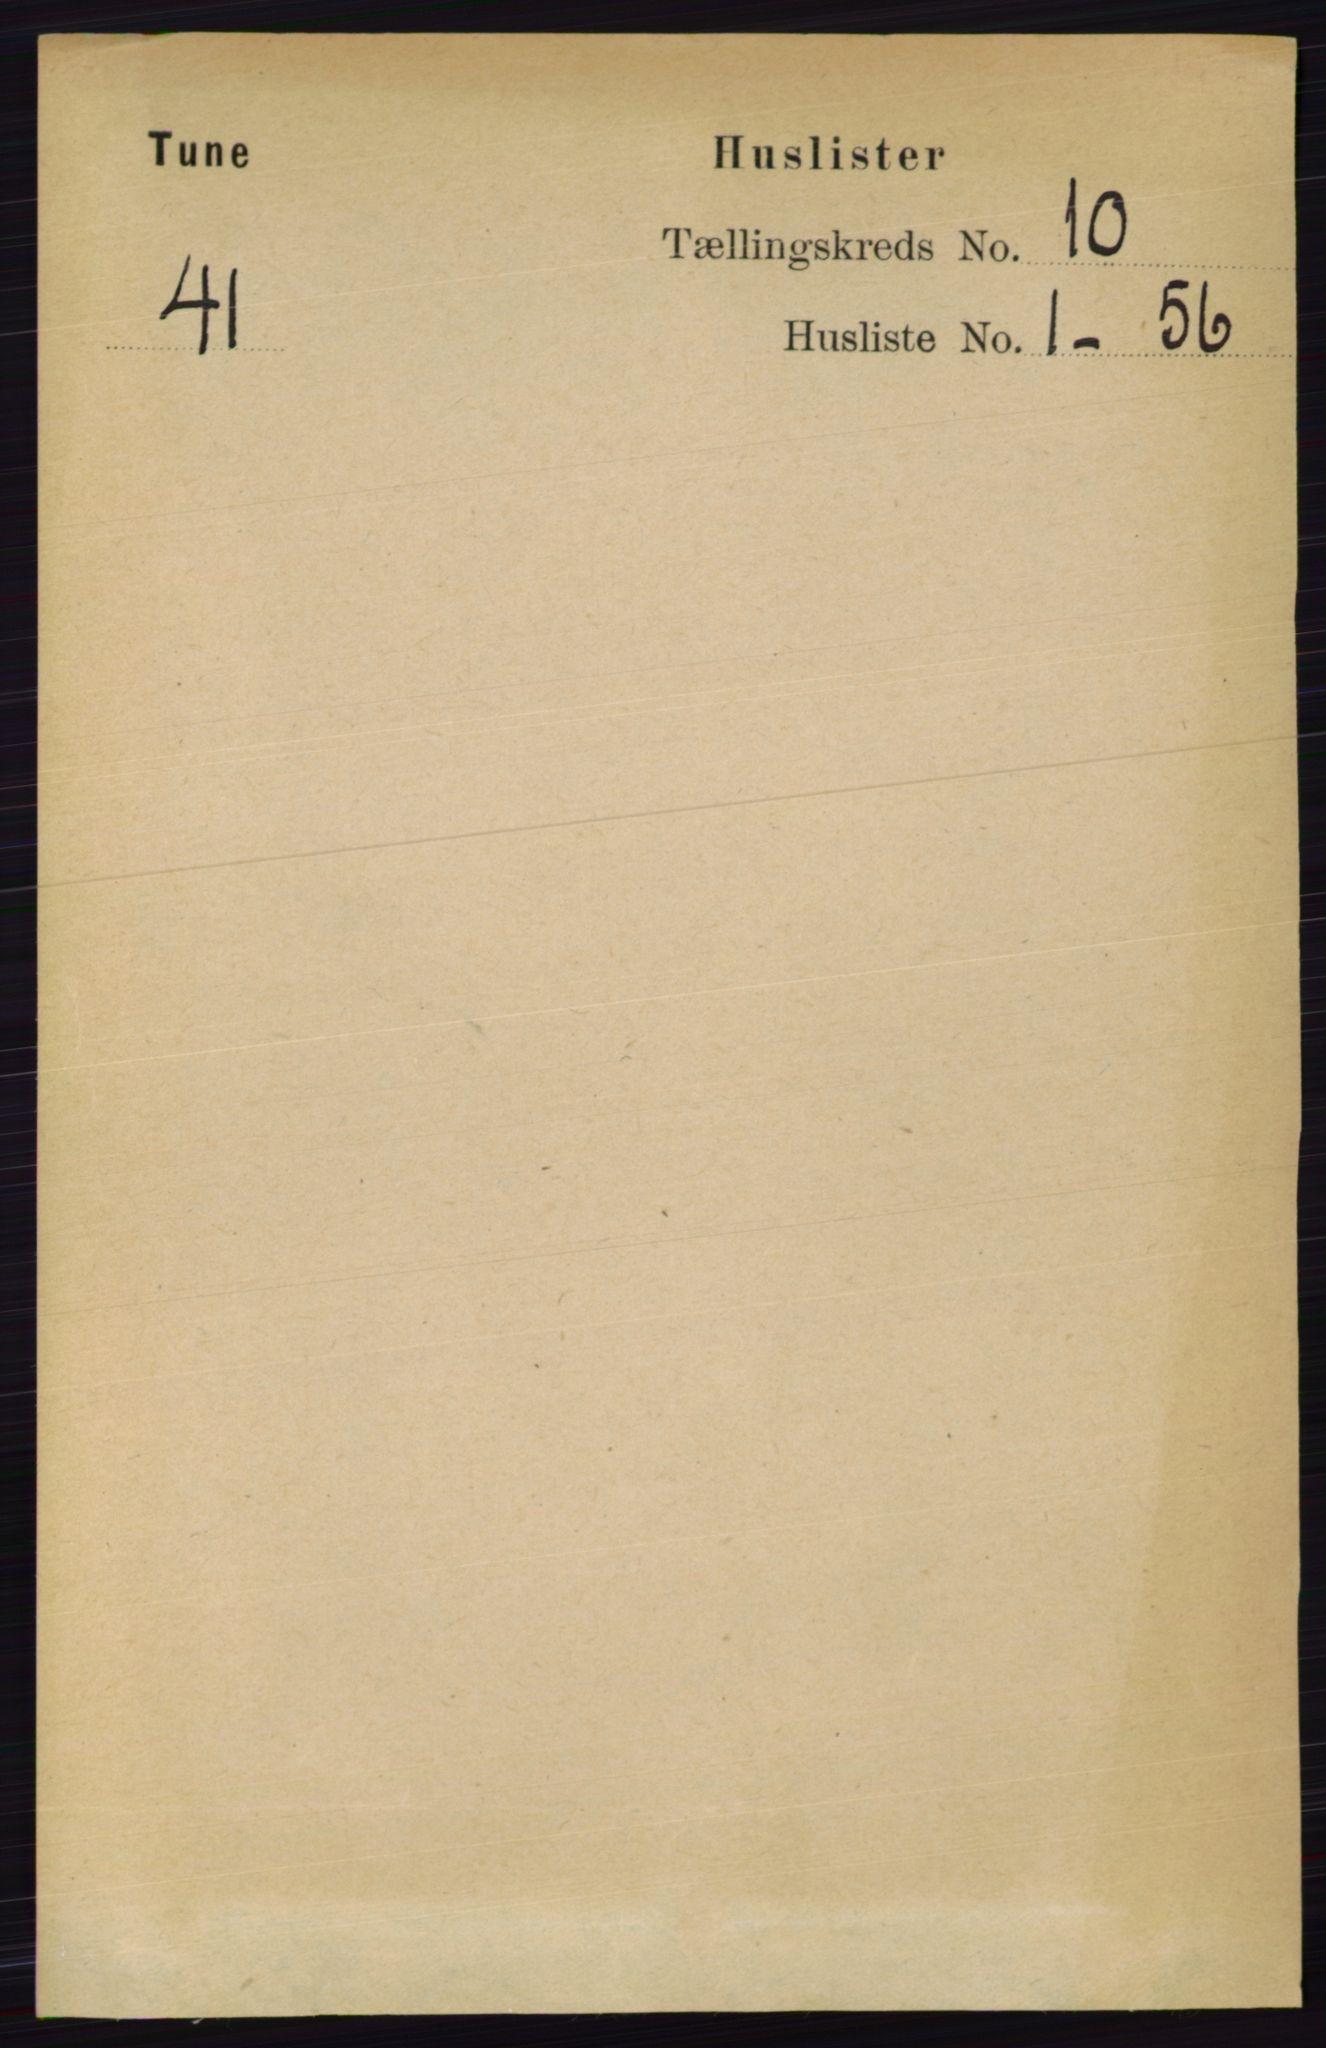 RA, Folketelling 1891 for 0130 Tune herred, 1891, s. 6504